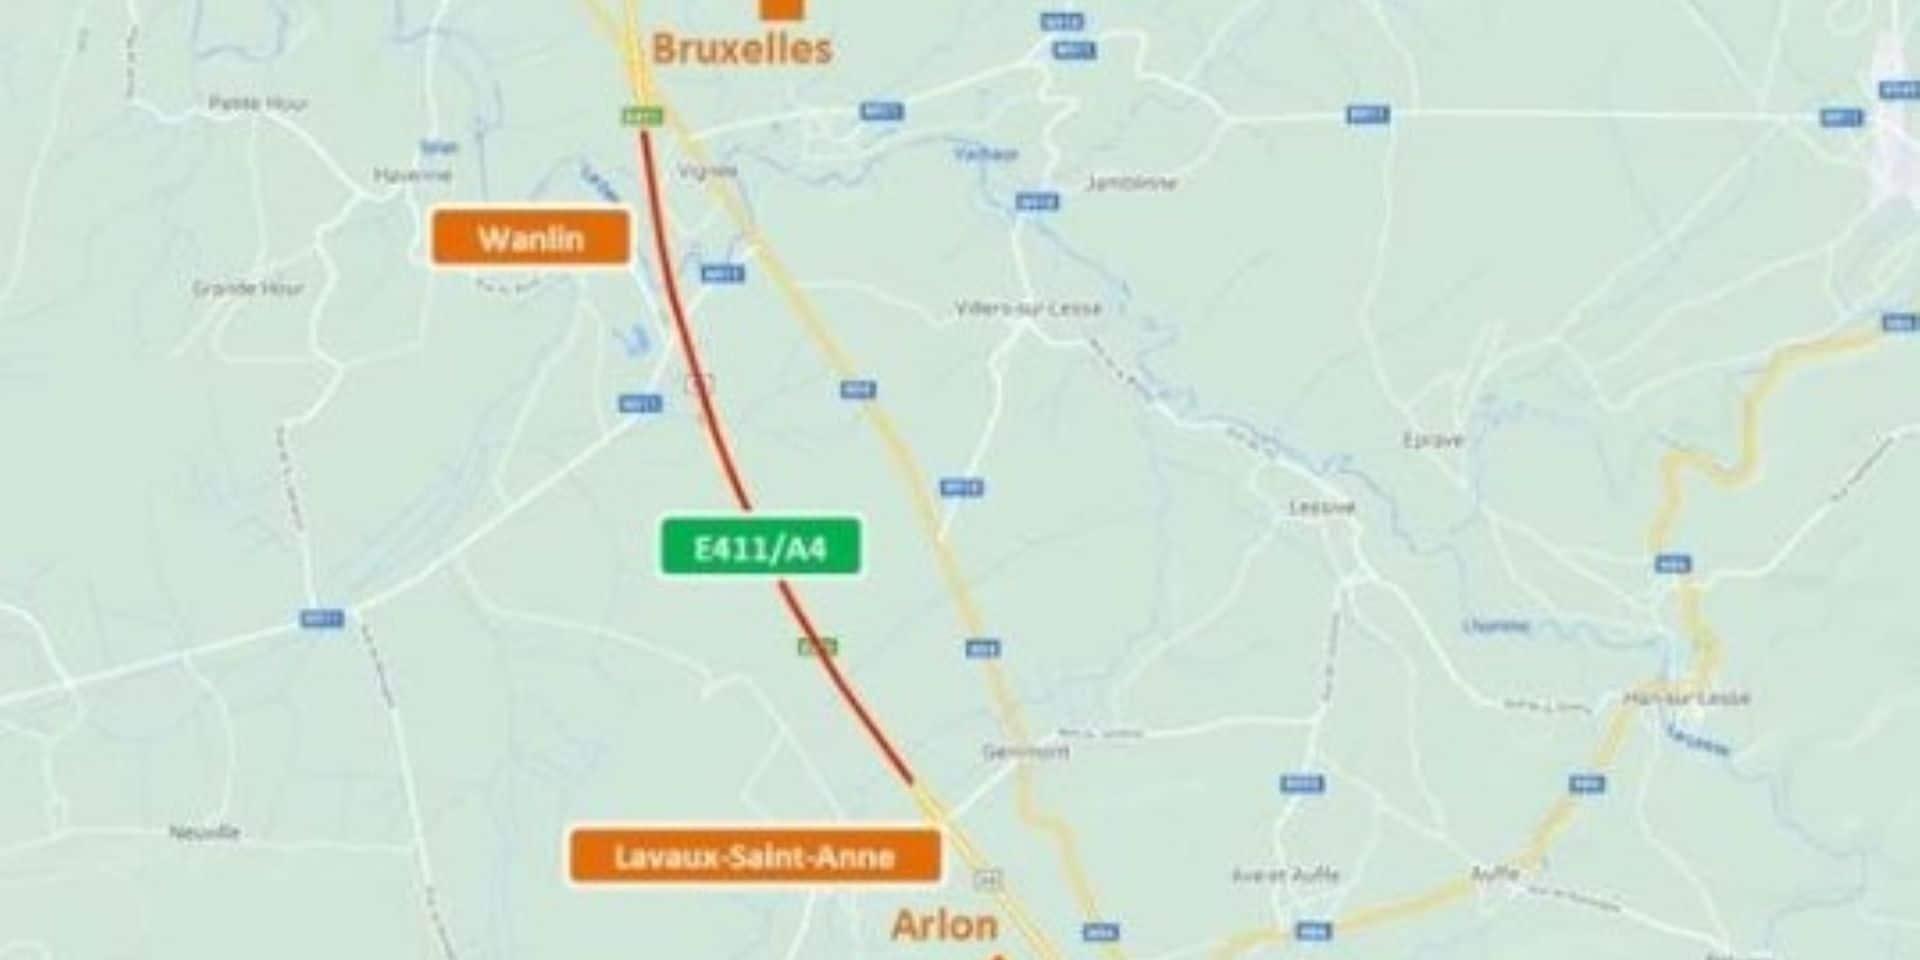 E411: un chantier de réhabilitation entre Wanlin et Lavaux-Saint-Anne vers Arlon